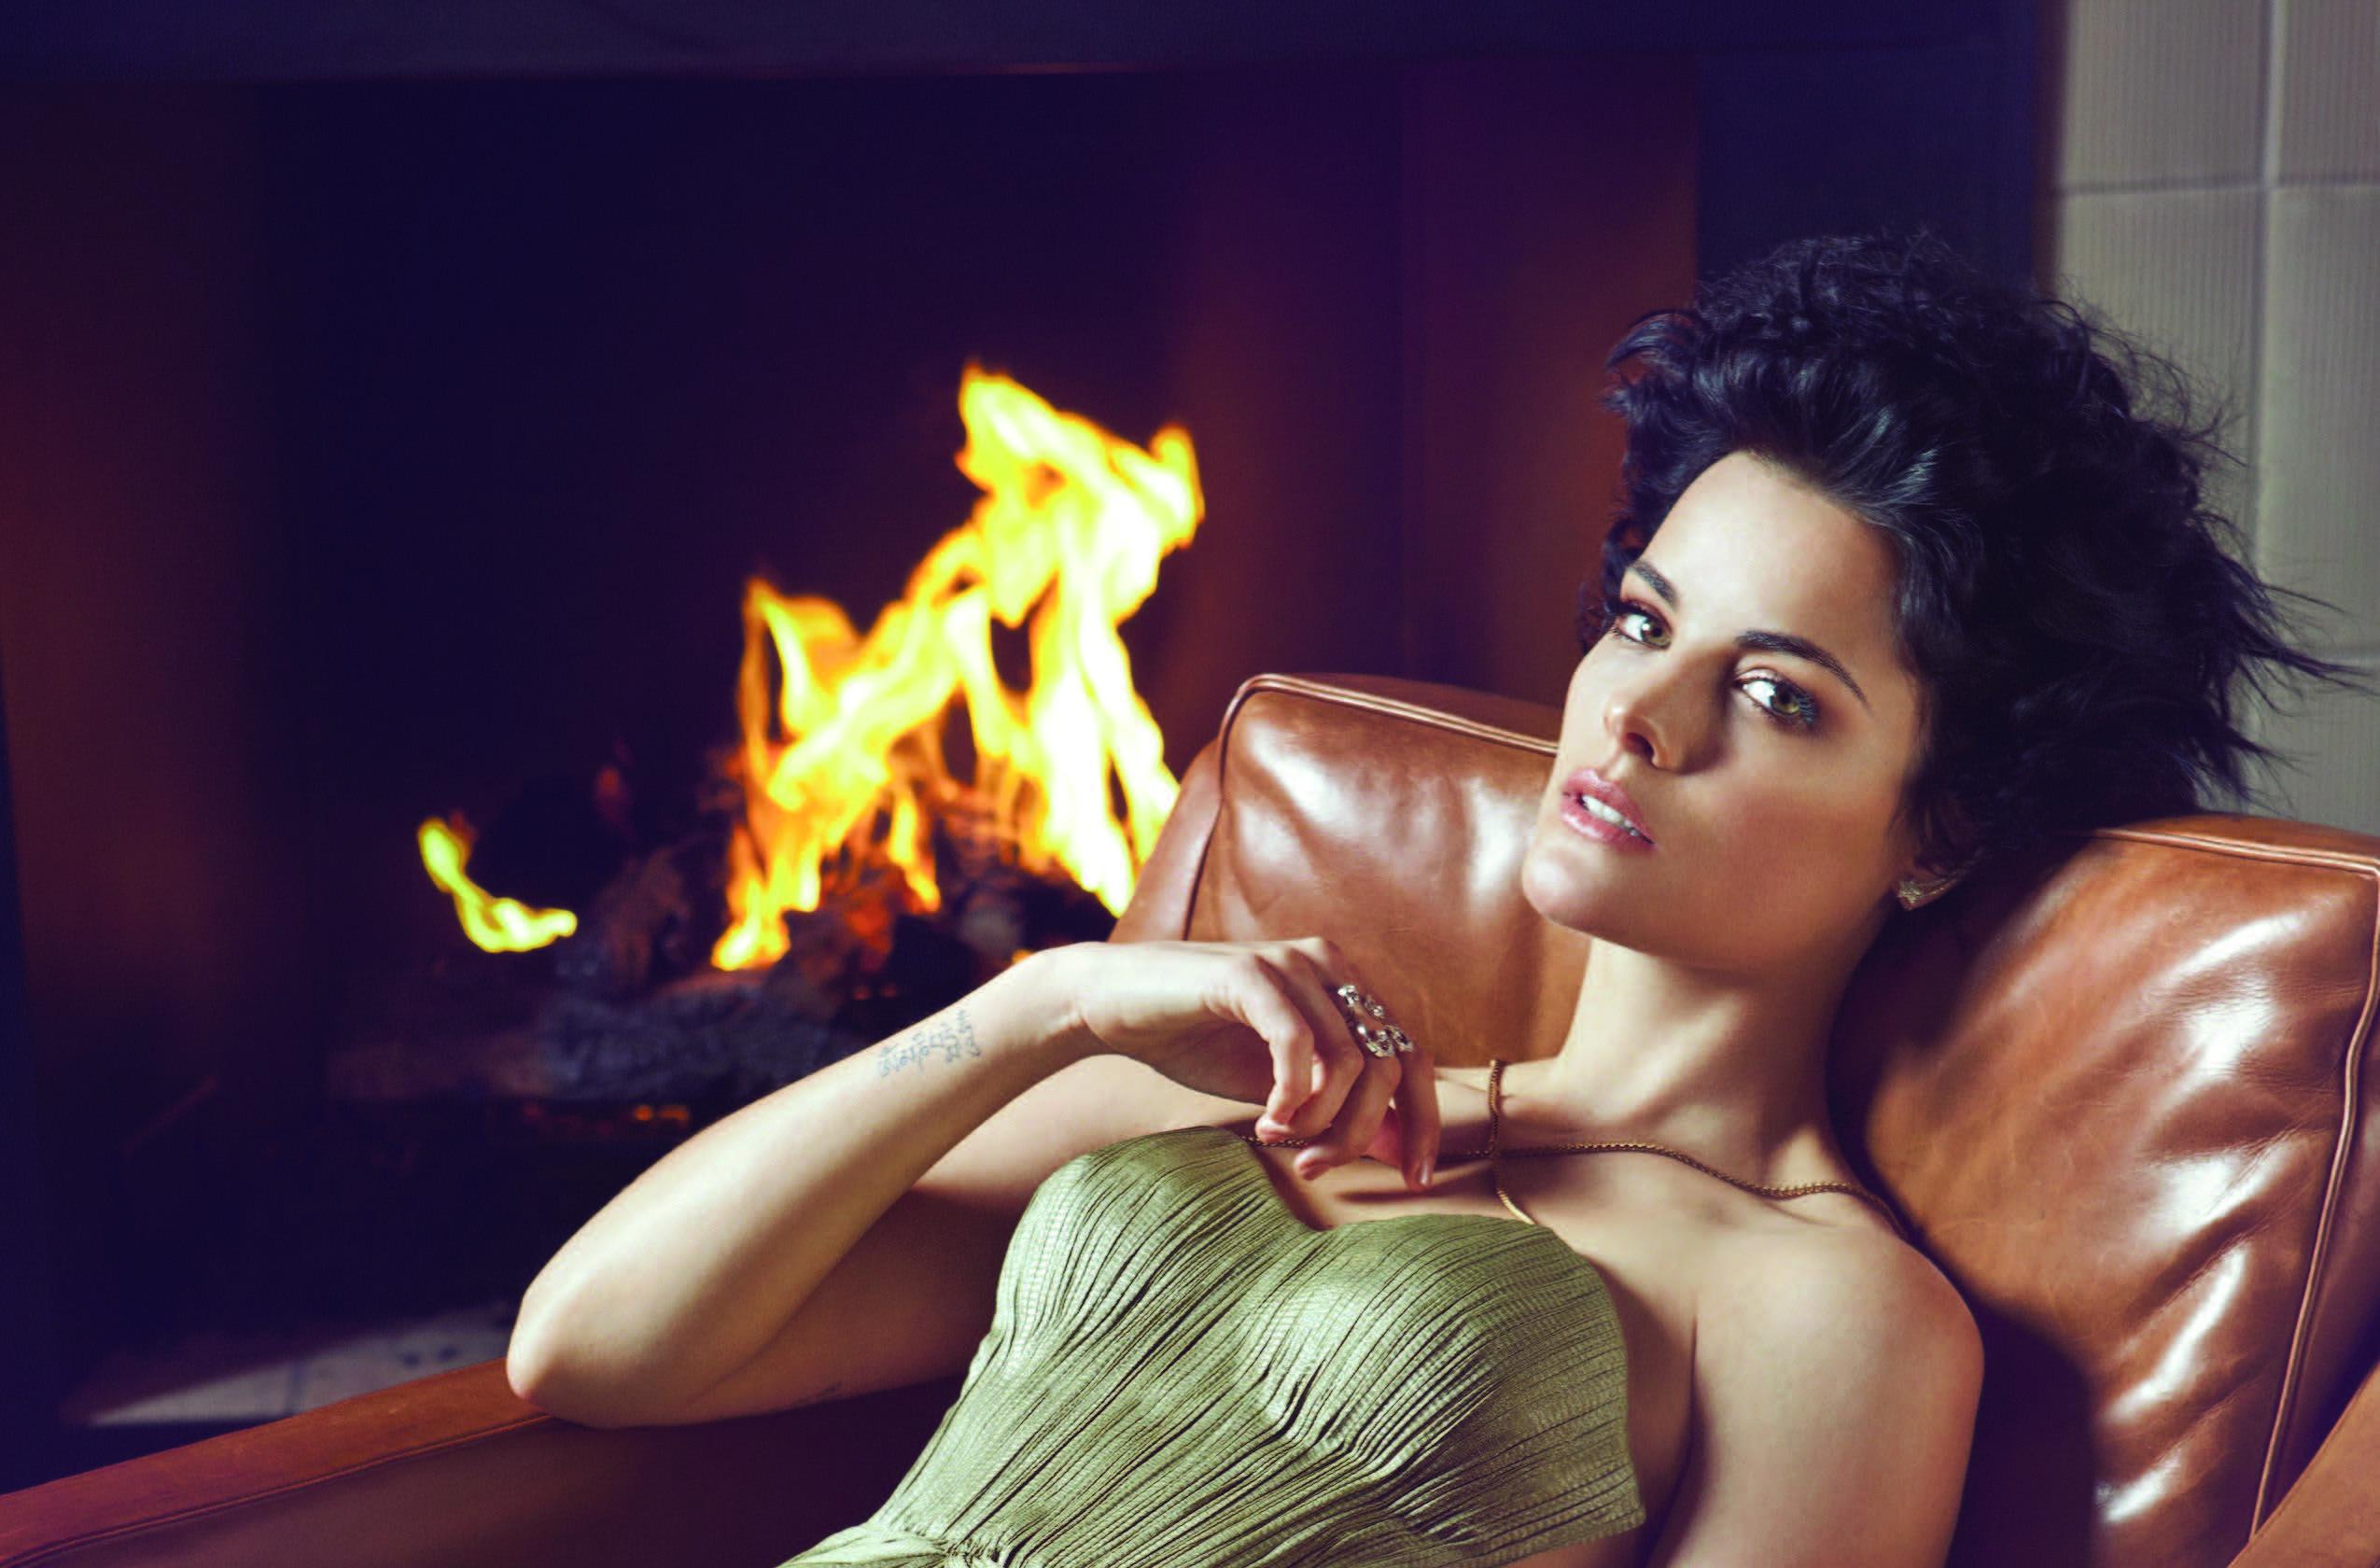 Actress Brunette Fireplace Jaimie Alexander Short Hair Wallpaper Resolution 2550x1680 Id 829488 Wallha Com